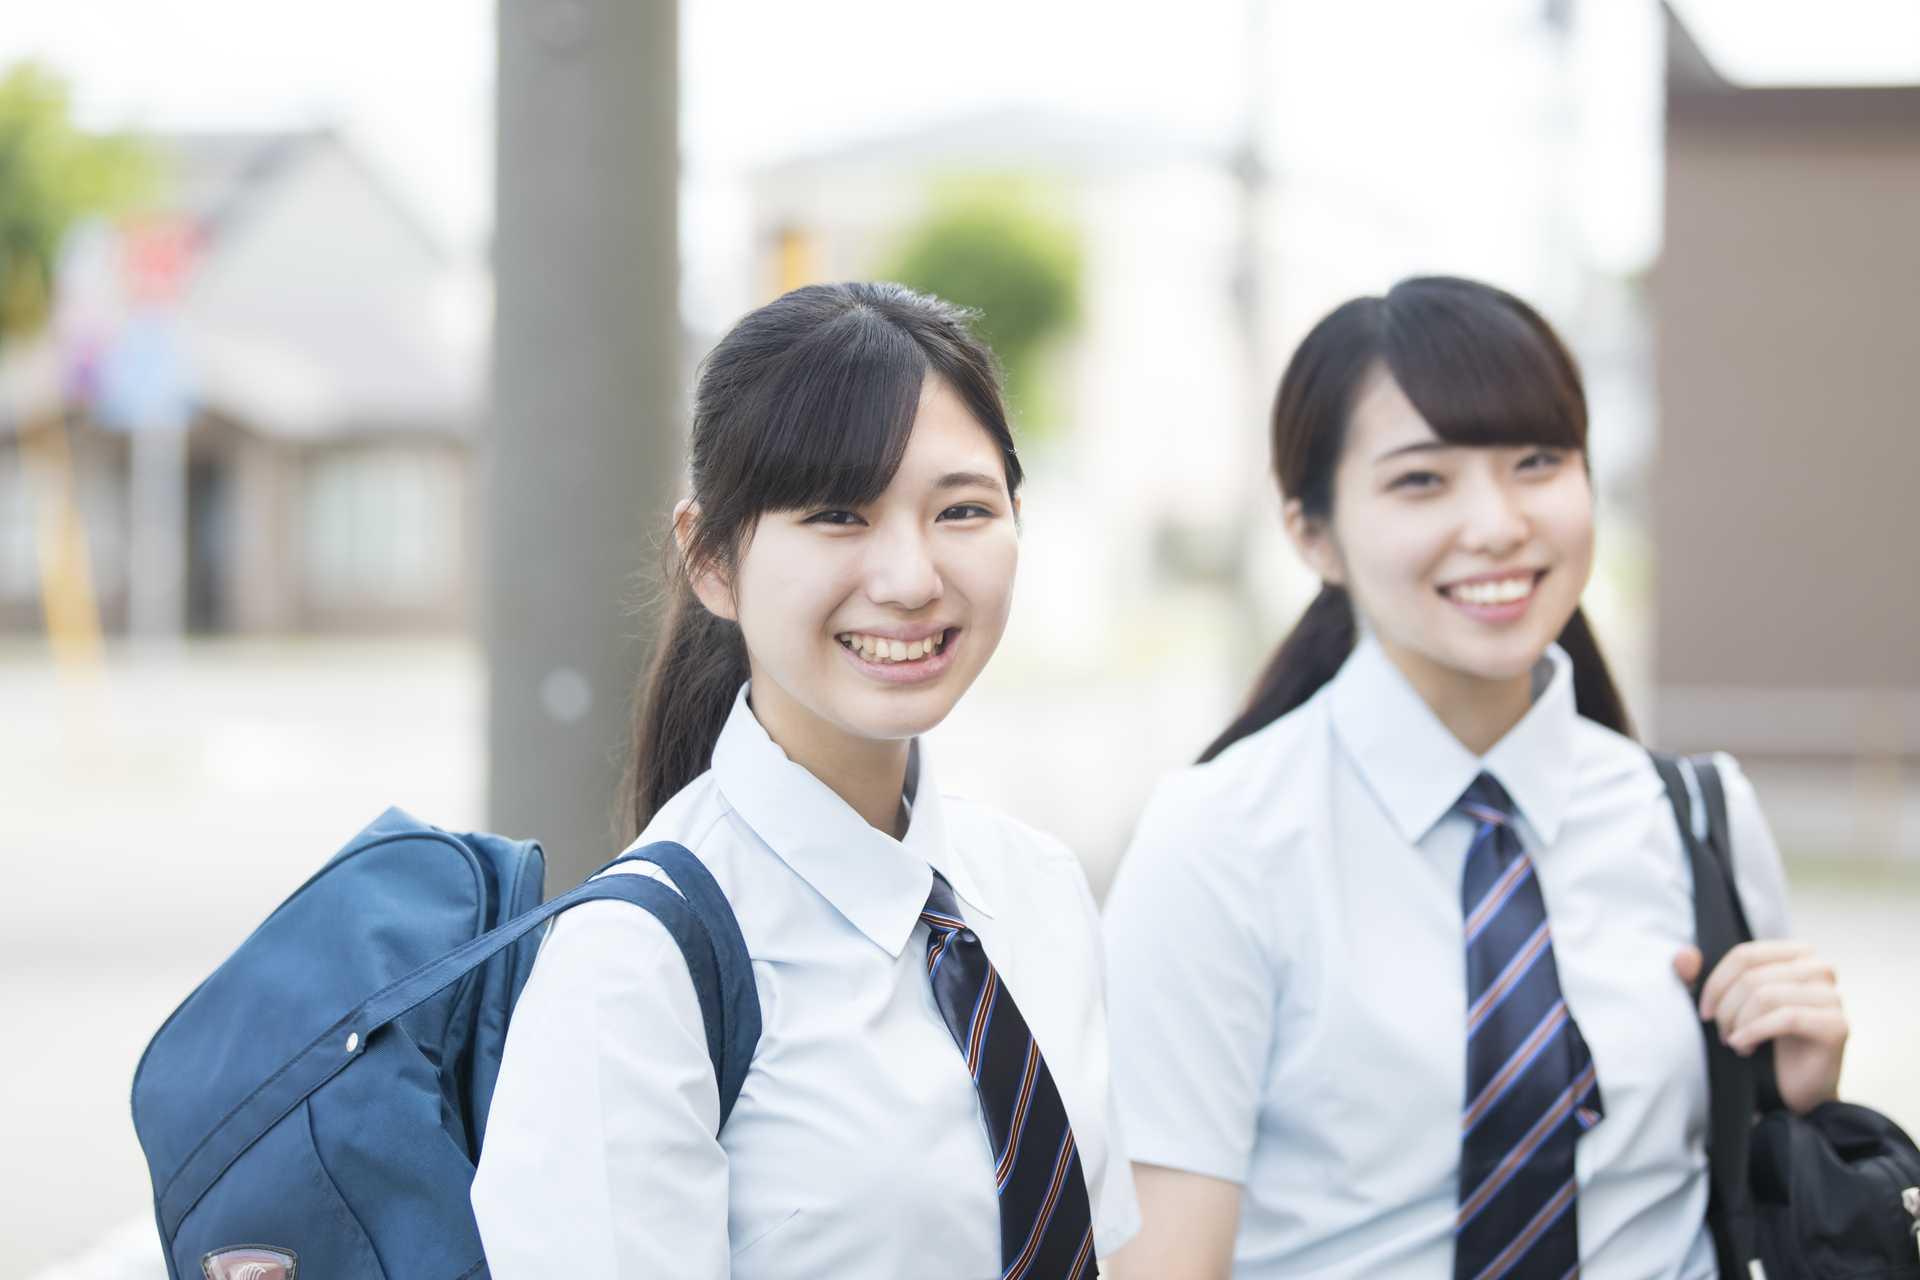 朝は友情が芽生えやすい。 | 早寝早起きの生活で人生を変える30の方法